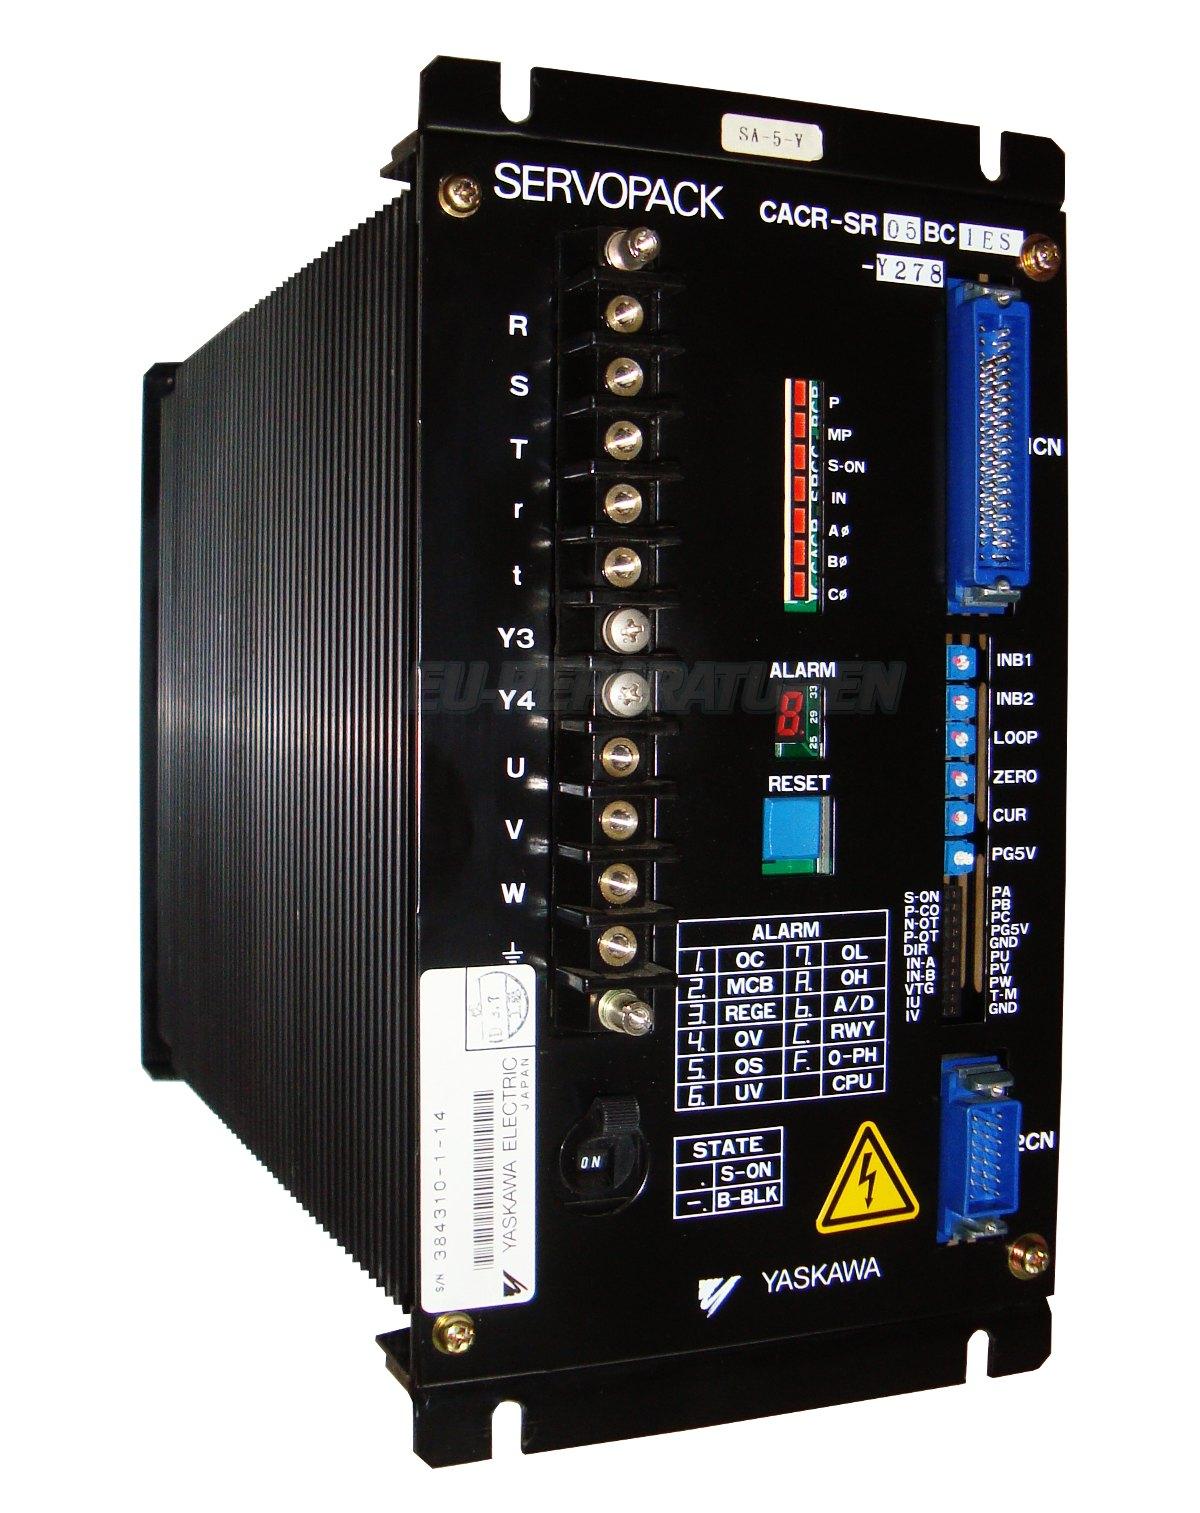 Reparatur Yaskawa CACR-SR05BC1ES-Y278 AC DRIVE